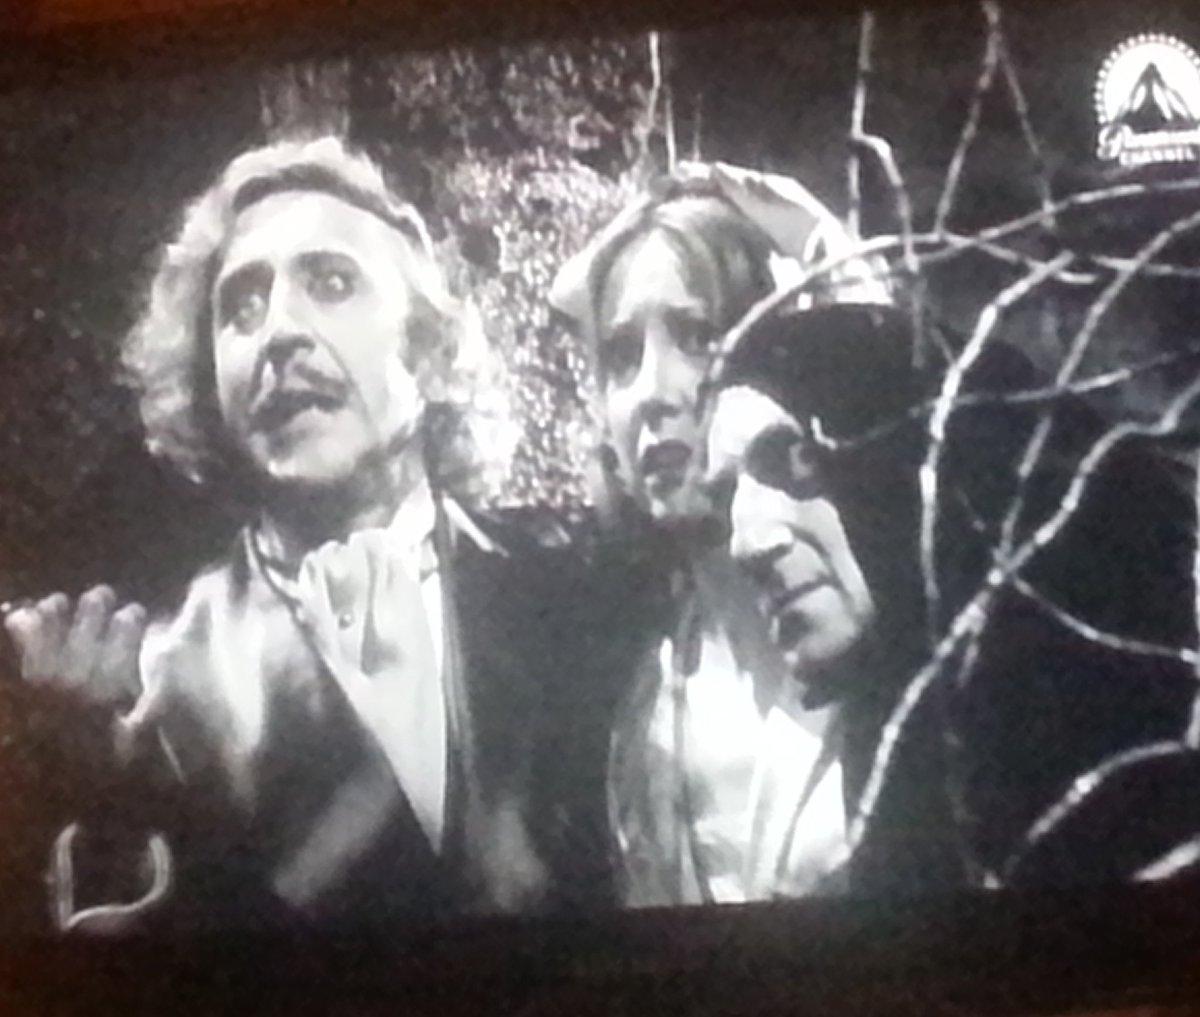 #FrankensteinJunior